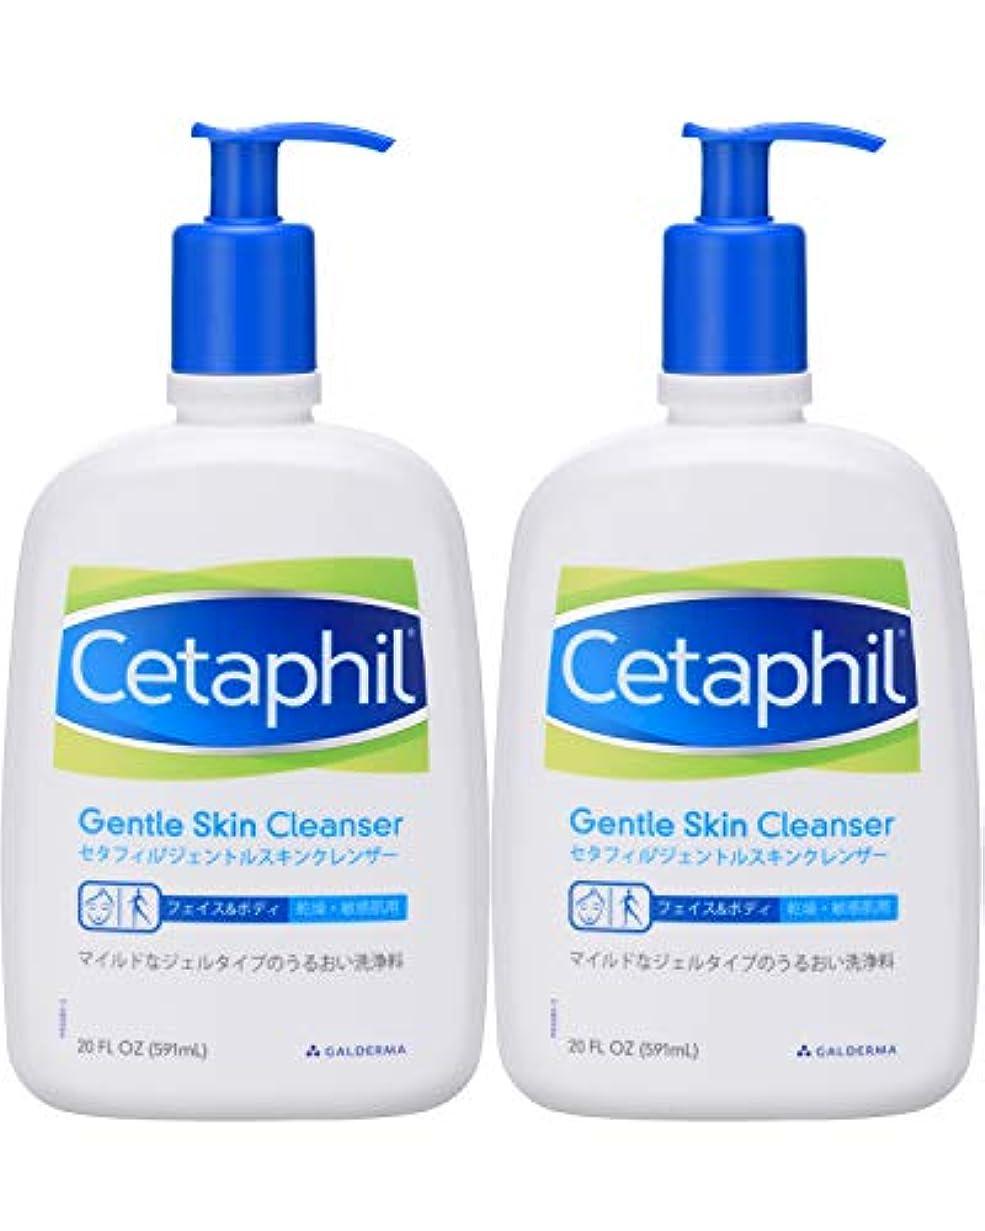 相関する縮約古風なセタフィル Cetaphil ® ジェントルスキンクレンザー 591ml 2本組 ( フェイス & ボディ 洗浄料 クレンザー )